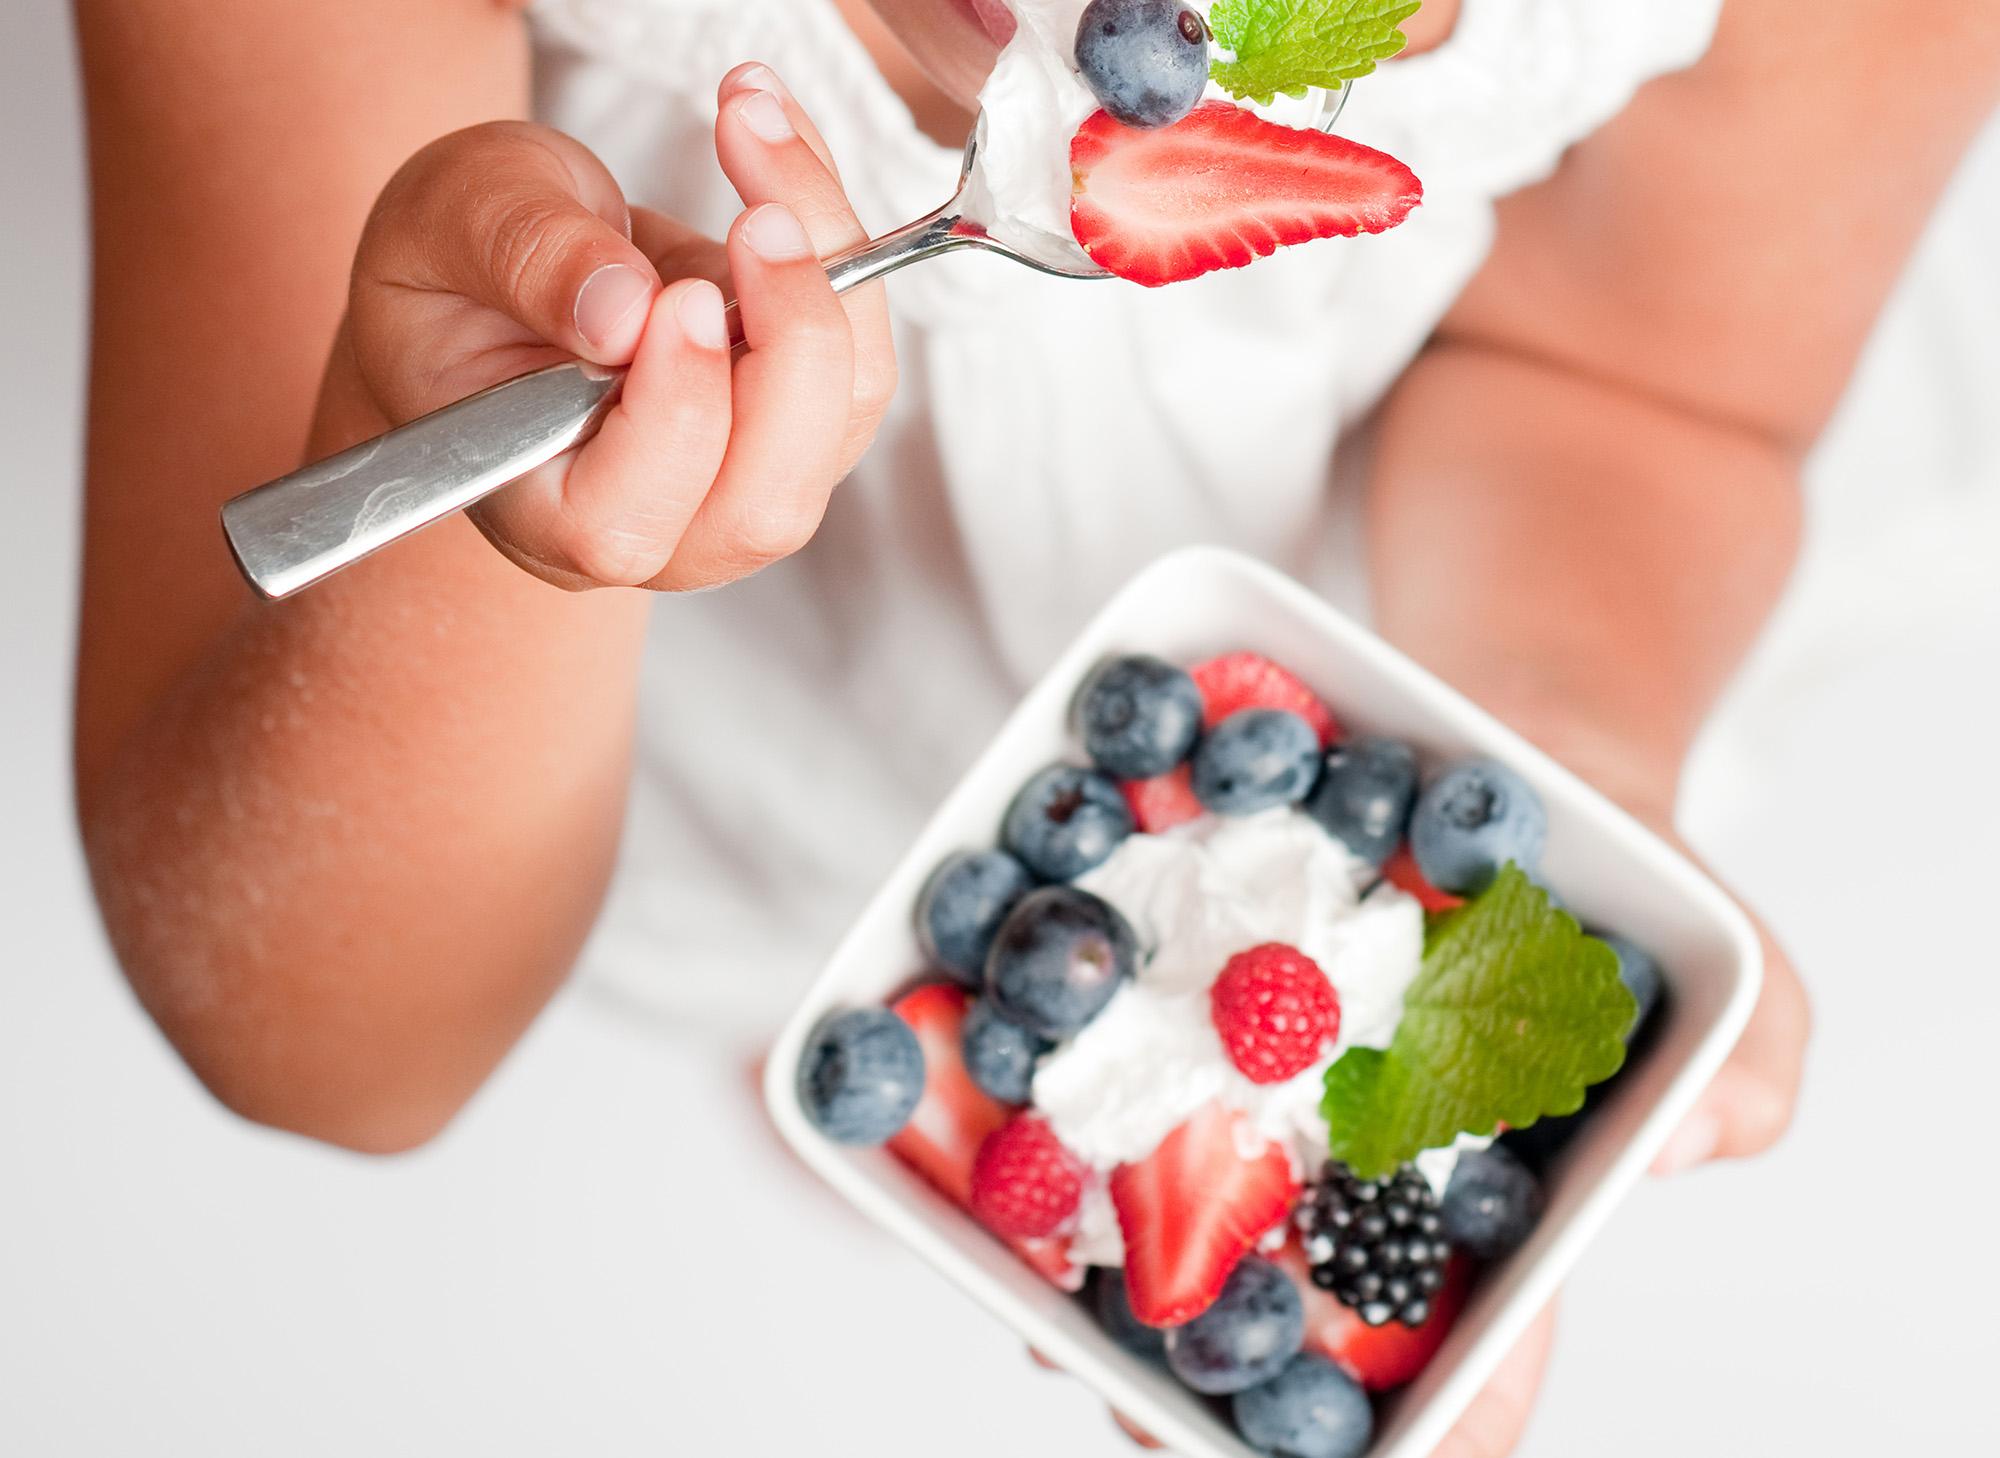 水果和蔬菜